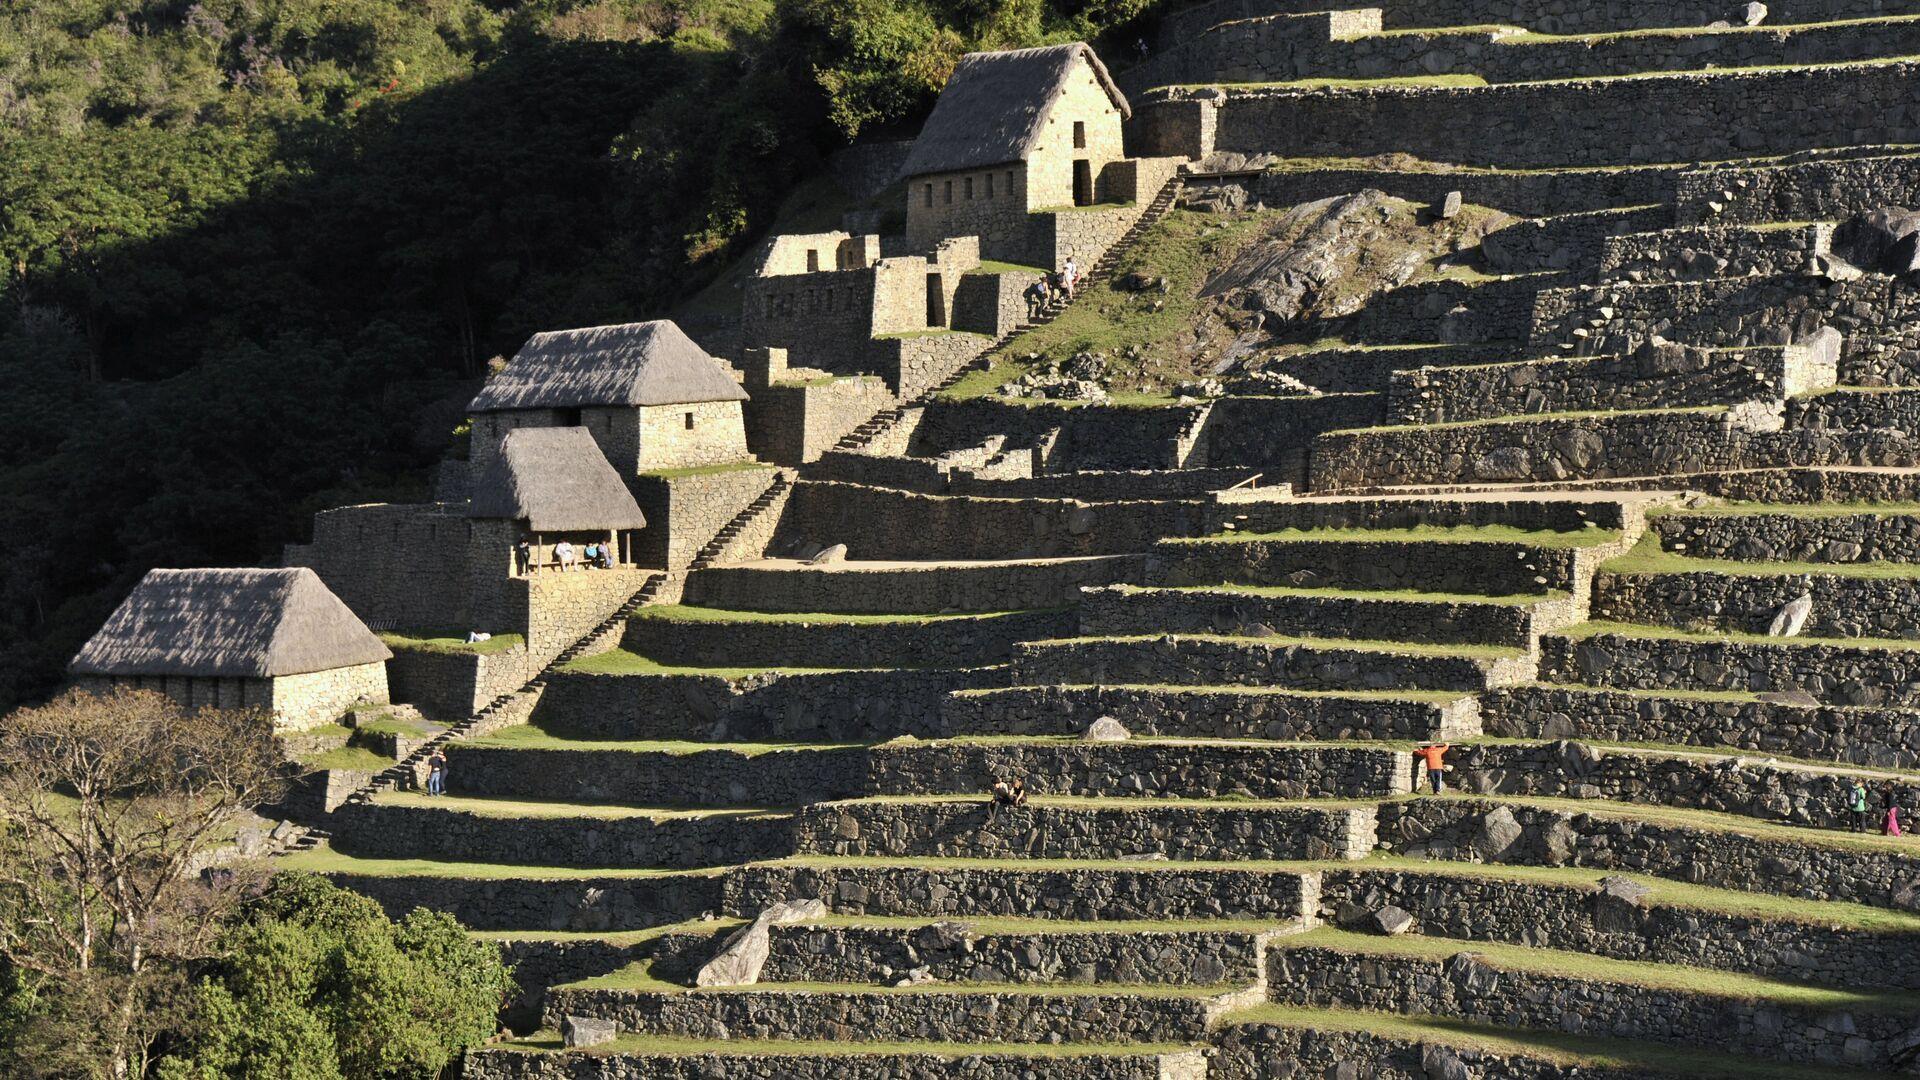 Antiguas construcciones residenciales en Machu Picchu. - Sputnik Mundo, 1920, 10.05.2021